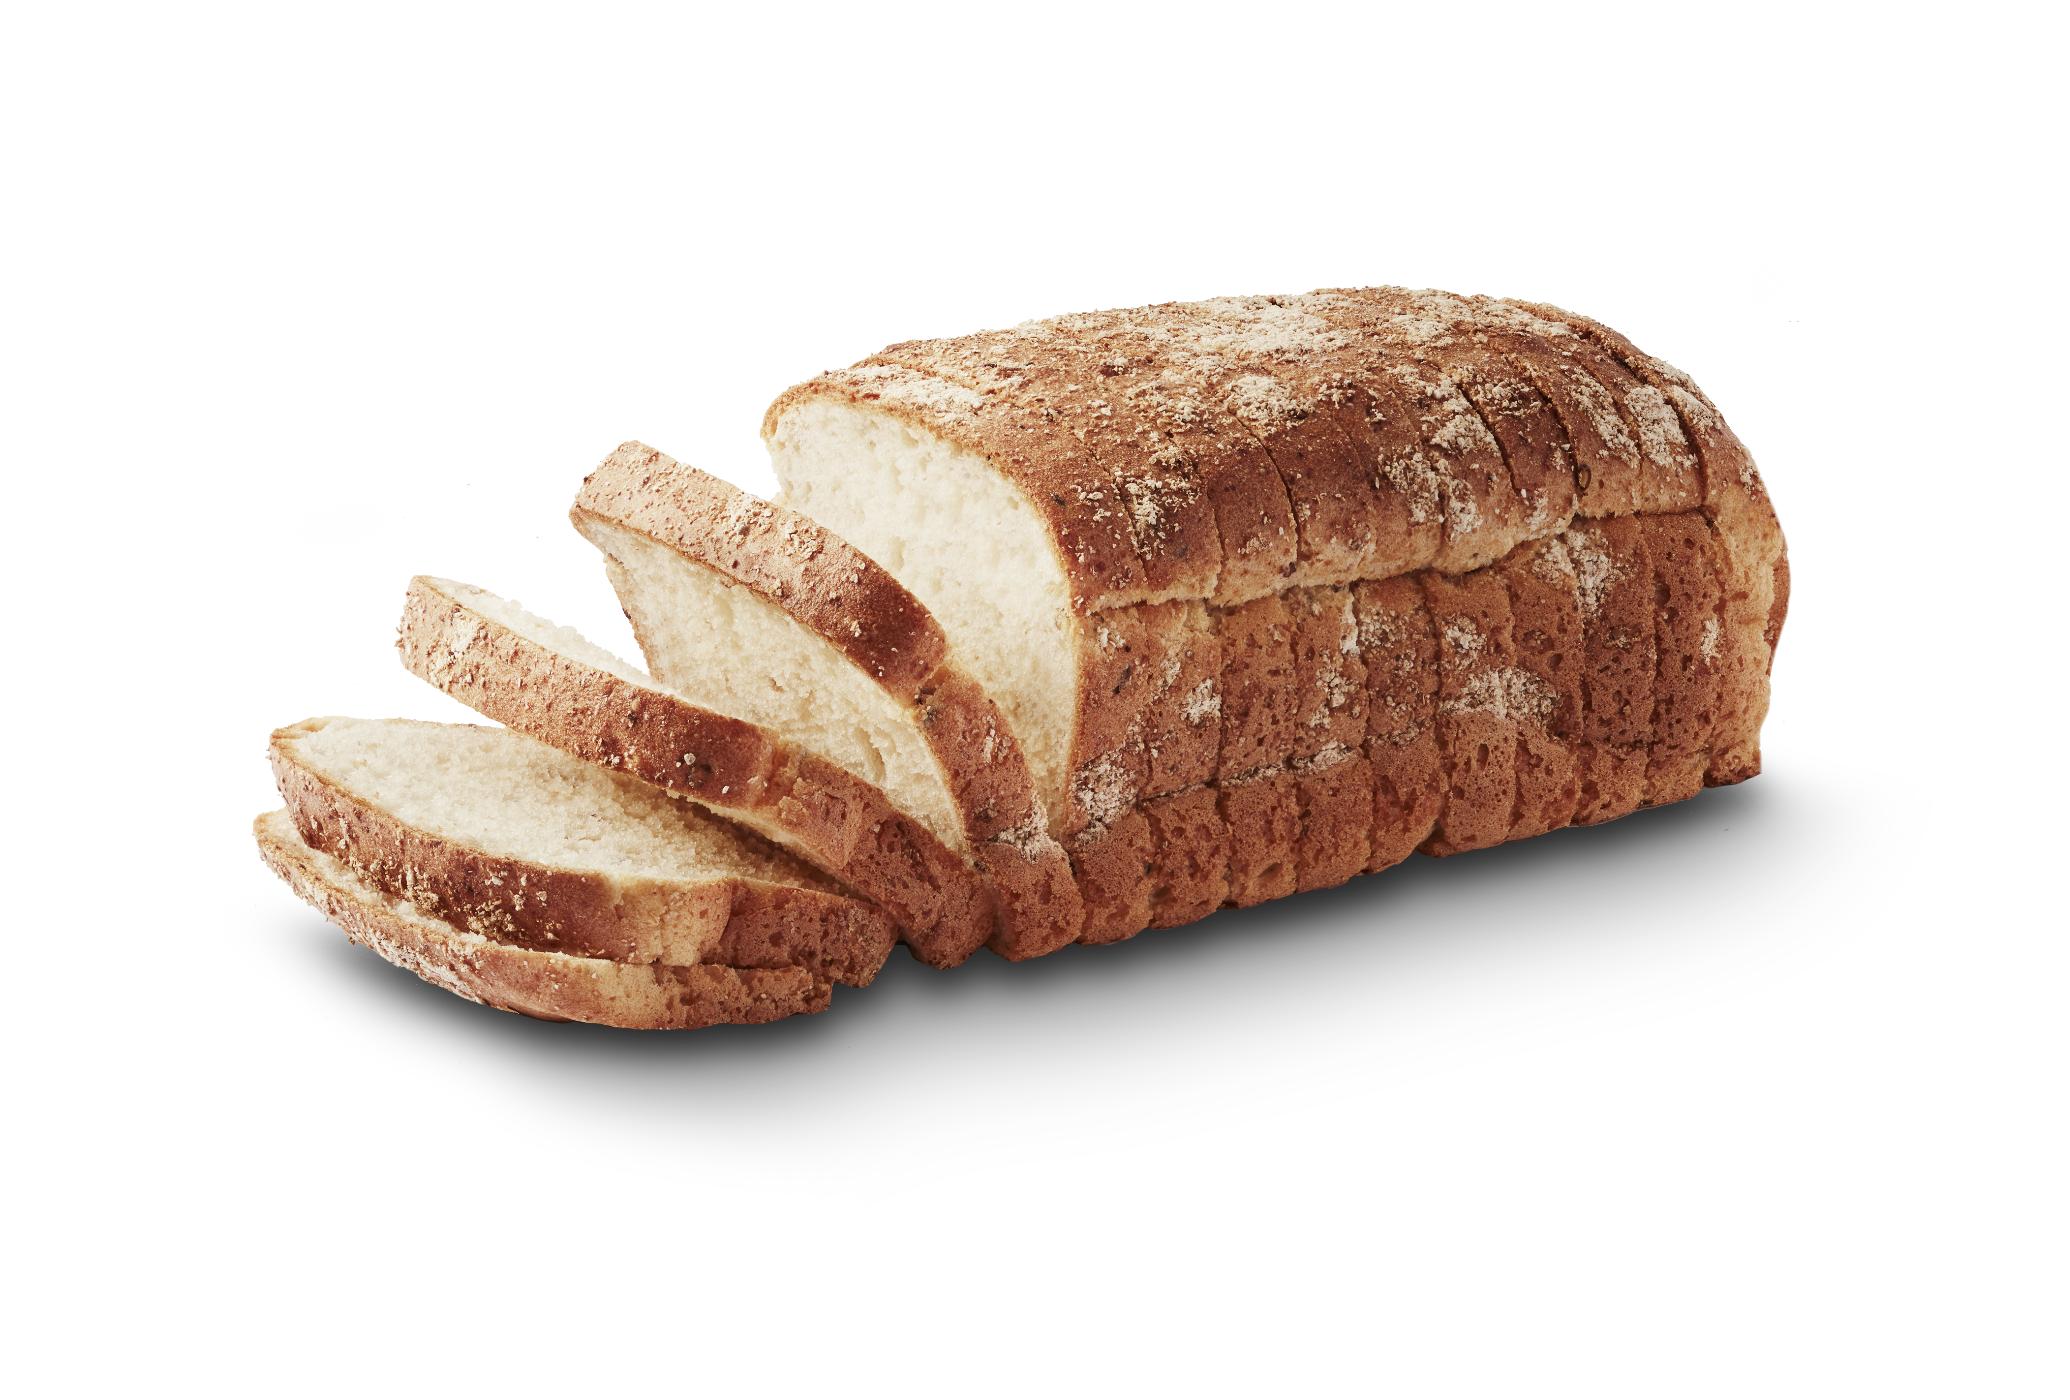 Surdegsbröd (glutenfri)